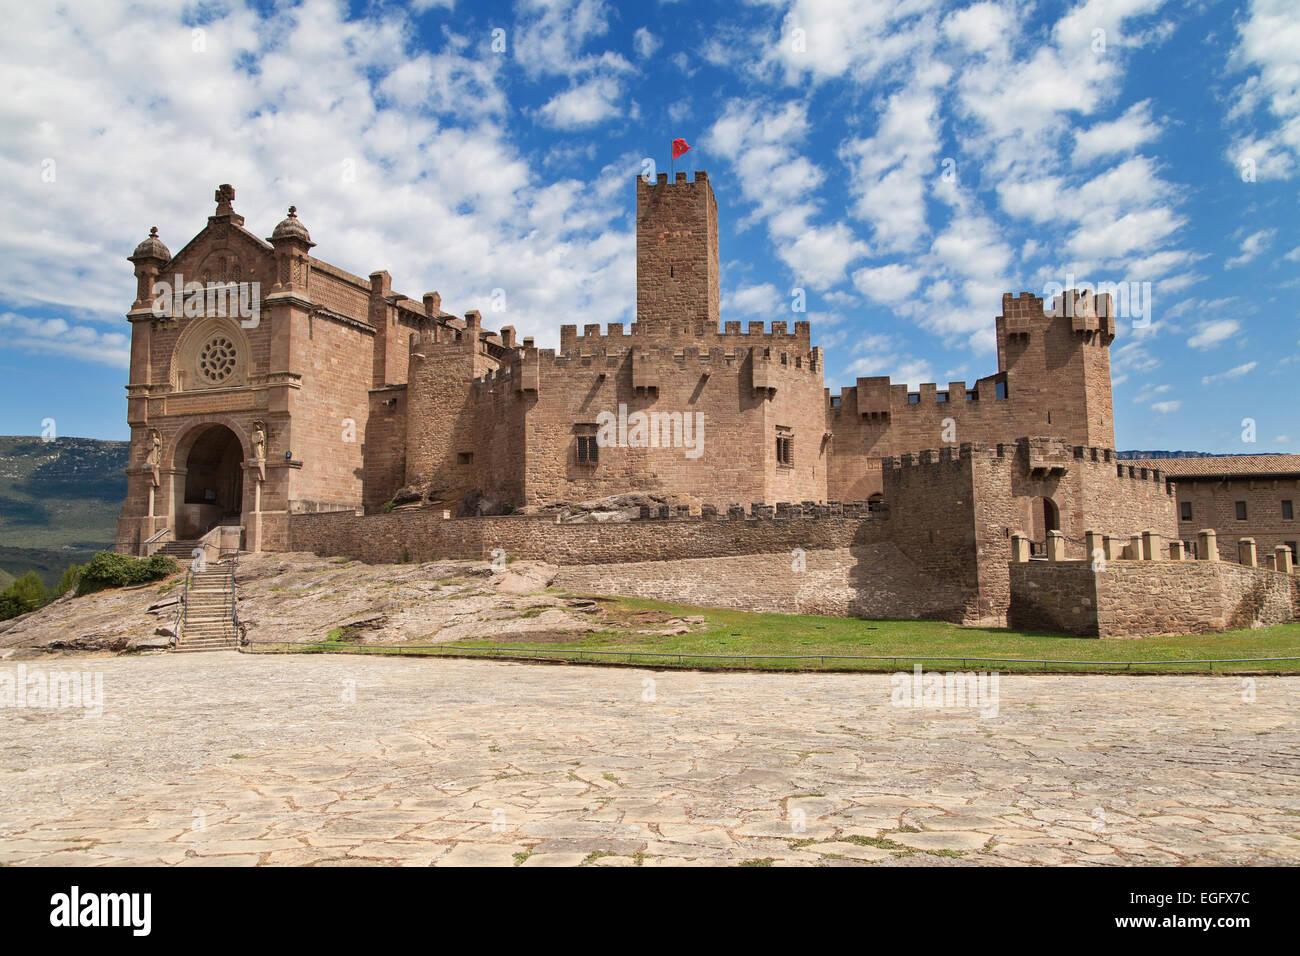 Javier Castle in Navarre, Spain. Stock Photo